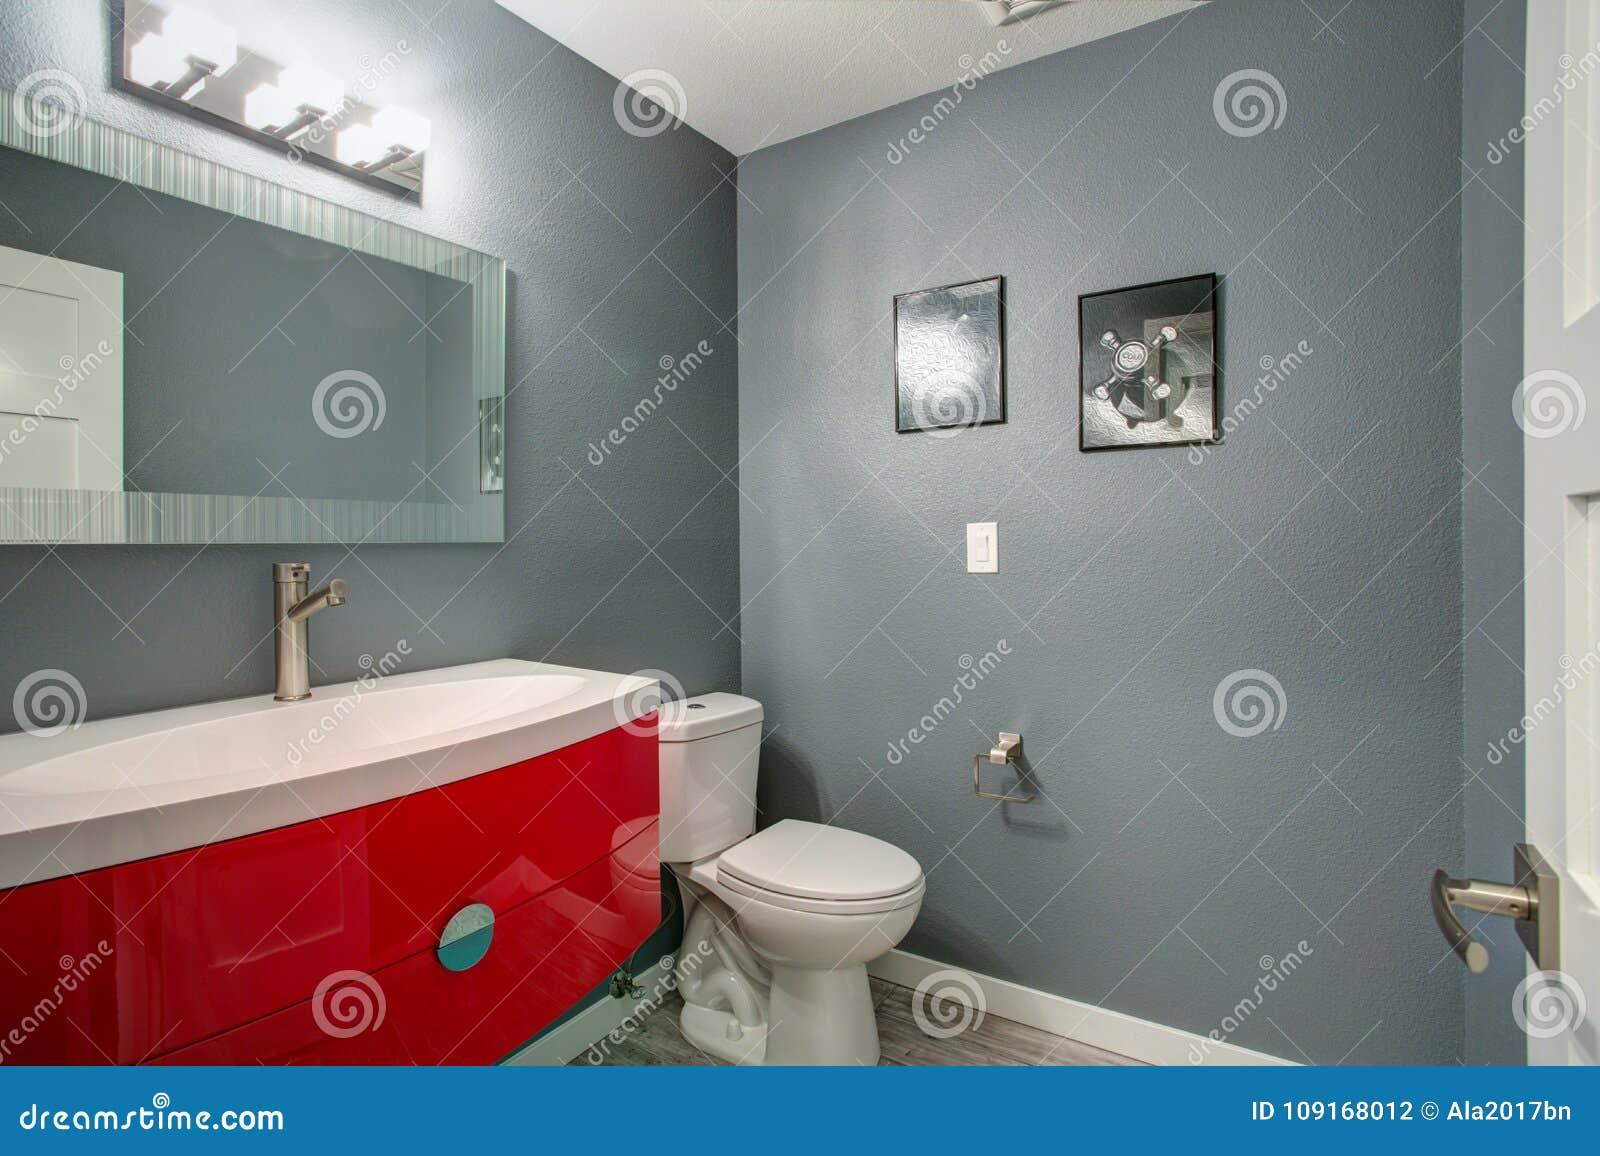 Diseño Gris Y Rojo Del Cuarto De Baño En Renovado Recientemente A Casa Foto De Archivo Imagen De Cabinas Espacio 109168012